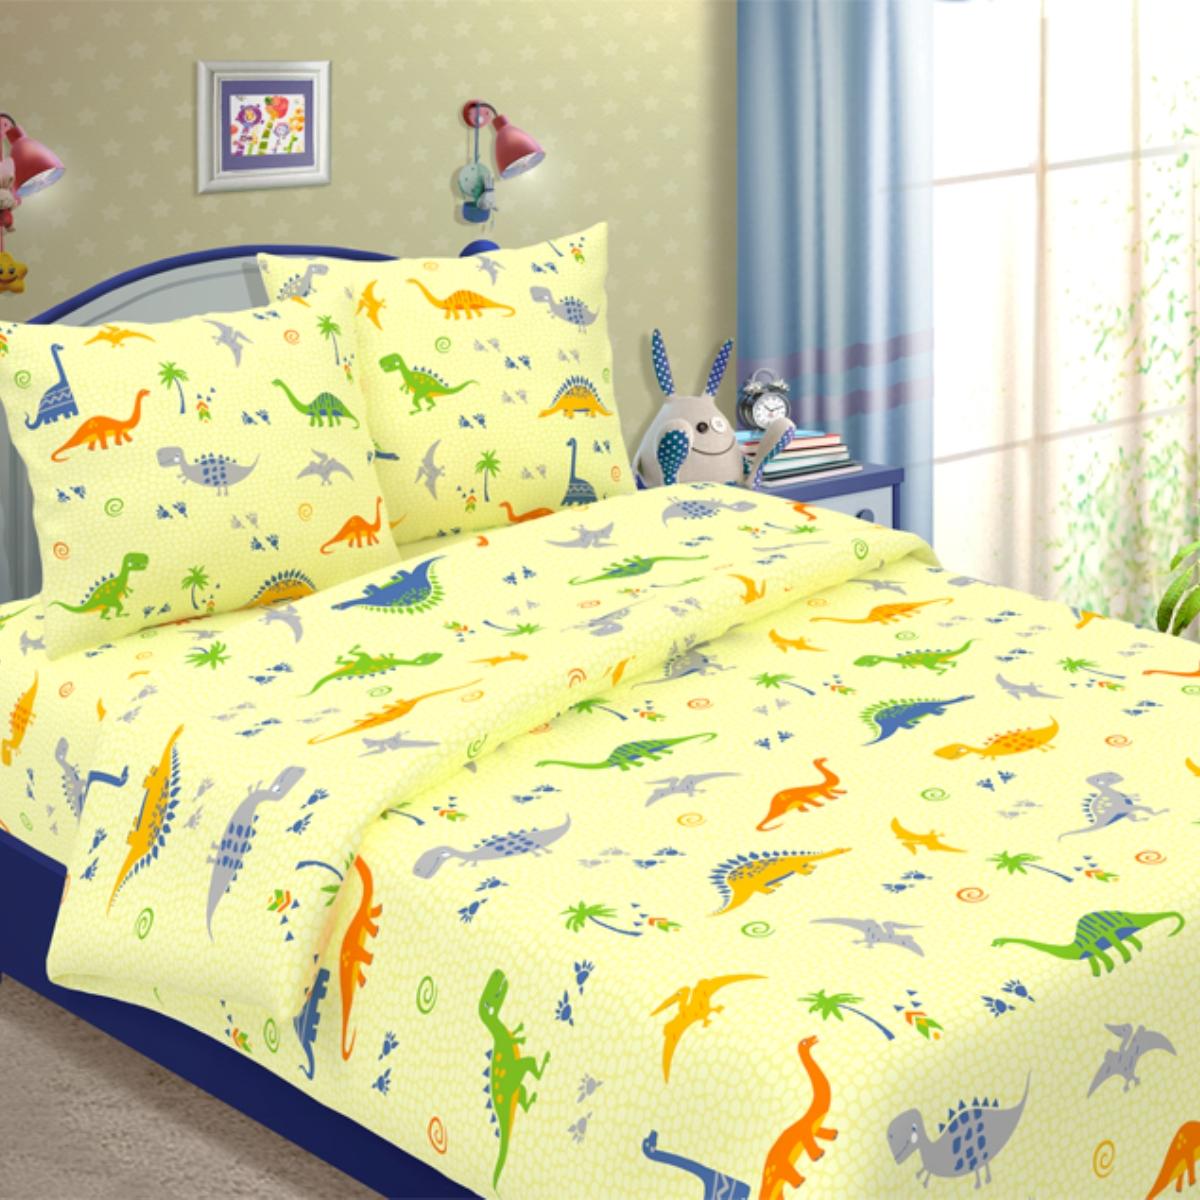 Комплект детского постельного белья Letto  Динно , 1,5 спальный, наволочка 50x70. dinno_yellow50 -  Детский текстиль